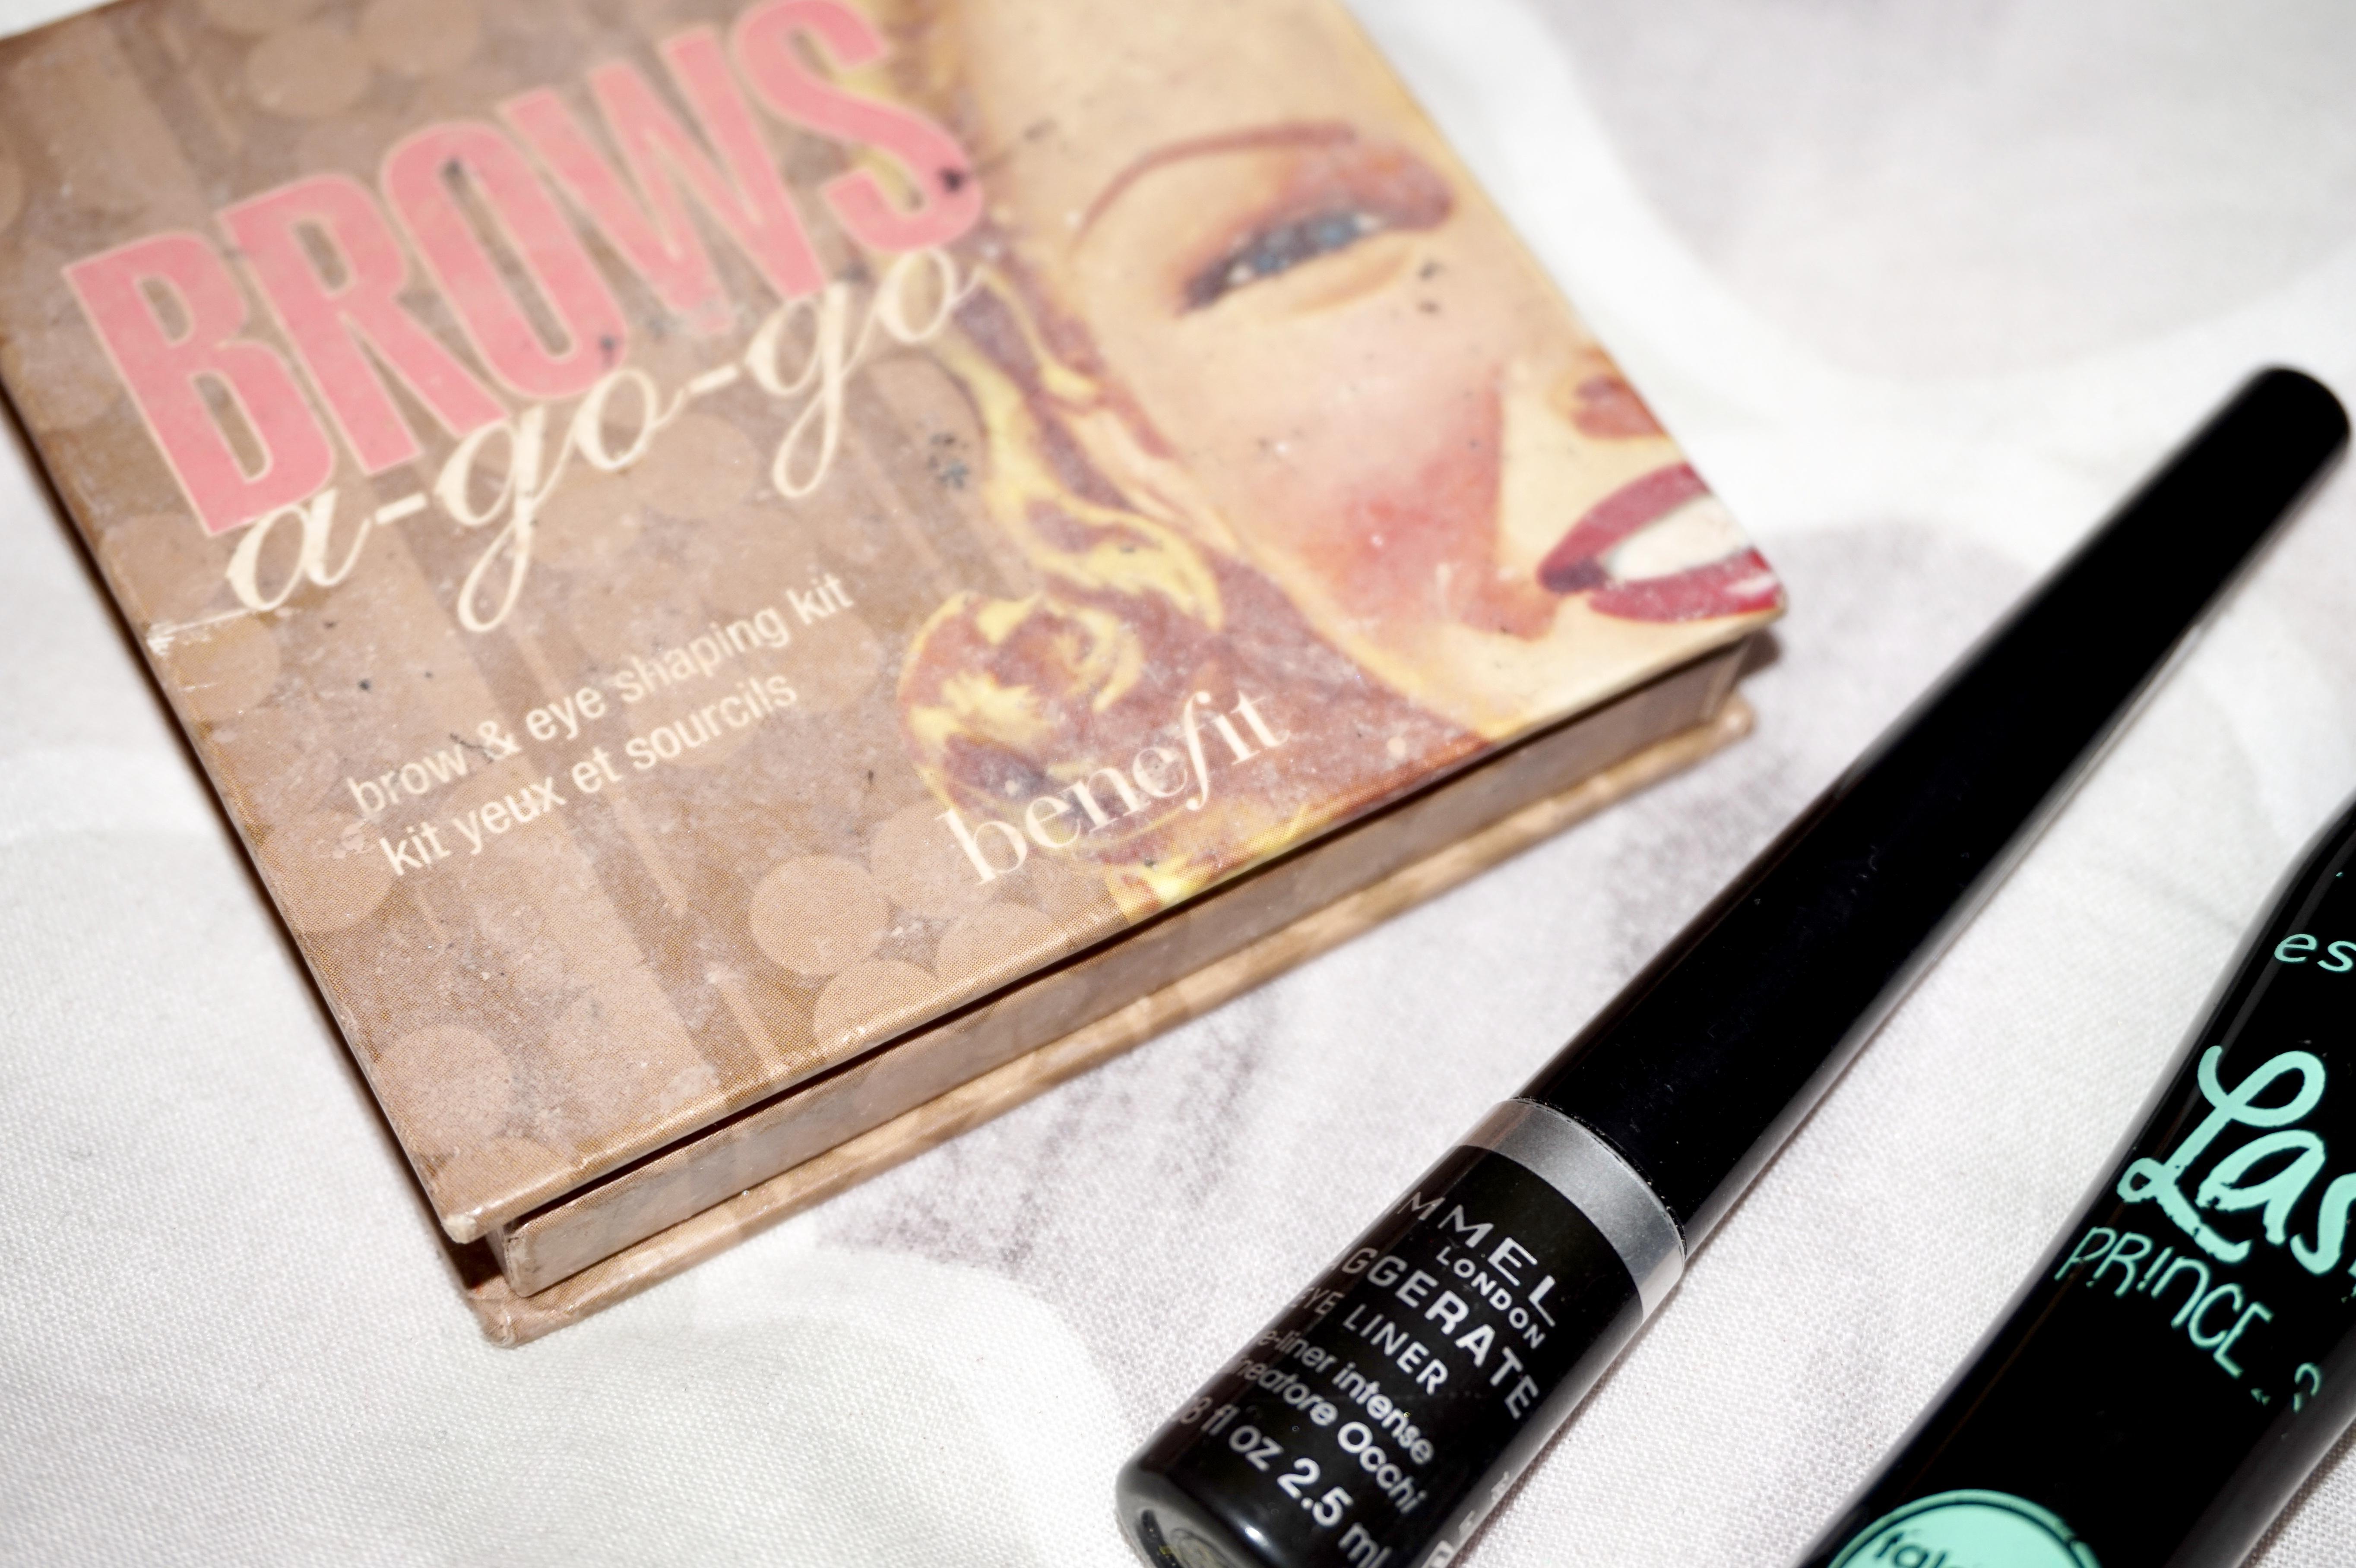 splash of glam make-up eyes